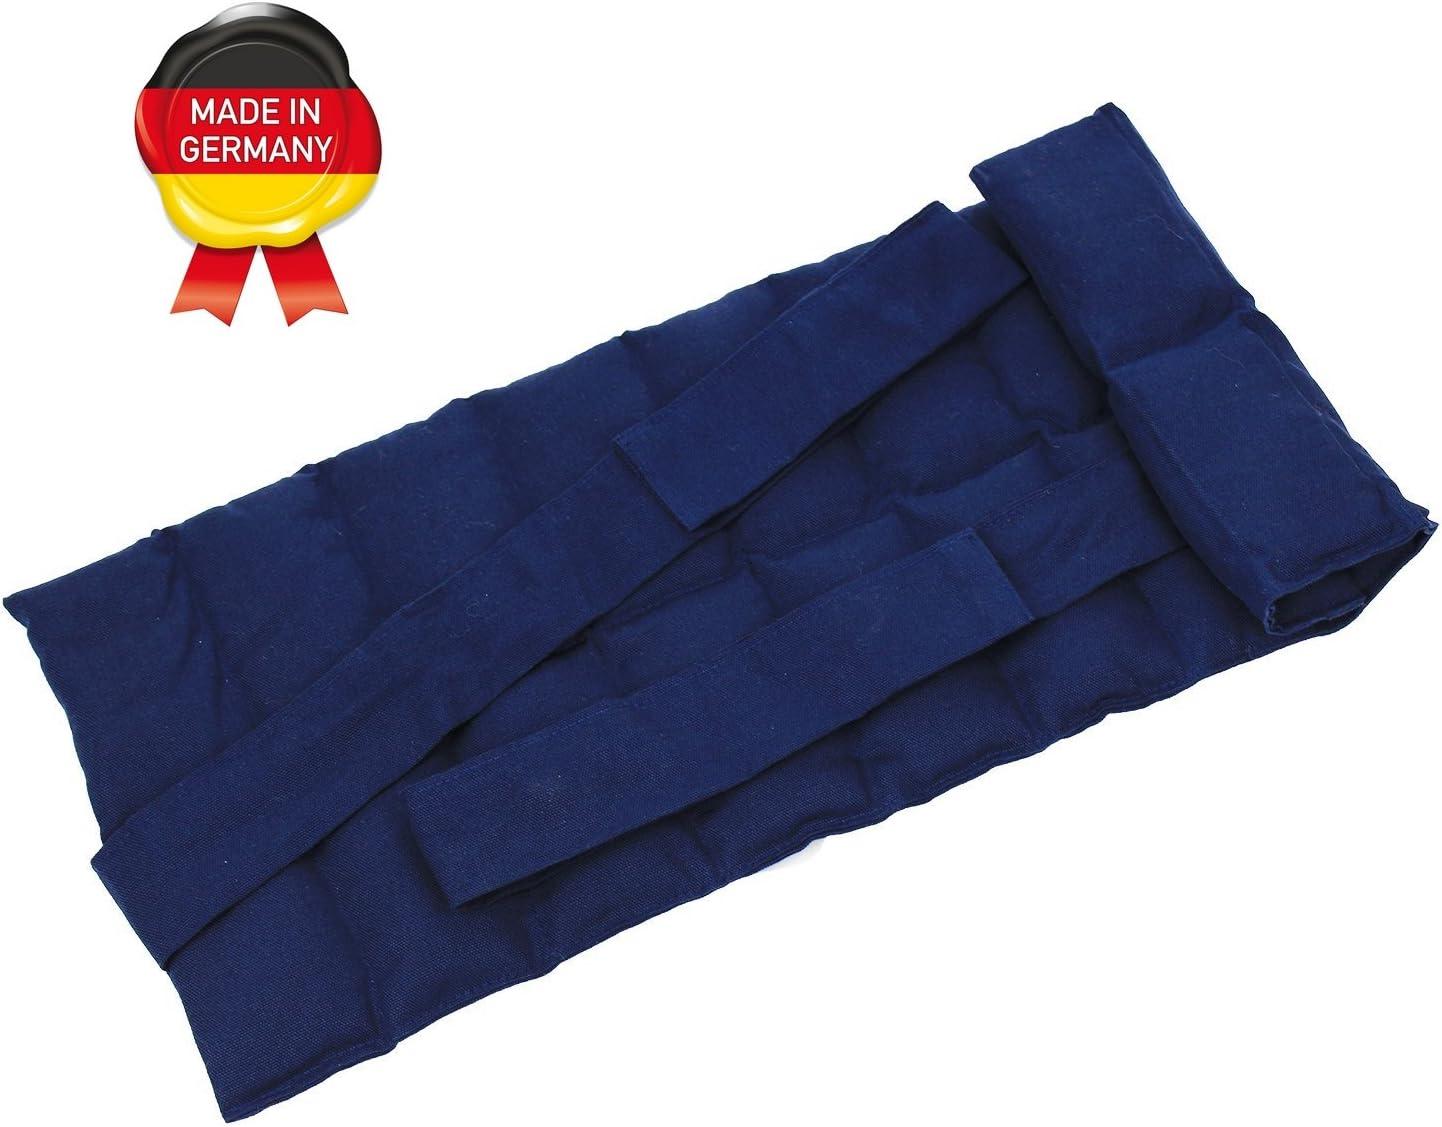 Oreiller Chauffant Remplis de Bl/é bleu Coussin en Grains avec Rubans Coussin Thermique de Diff/érentes Couleurs pour le Chauffage et le Refroidissement au Micro-Ondes au Four et au Cong/élateur